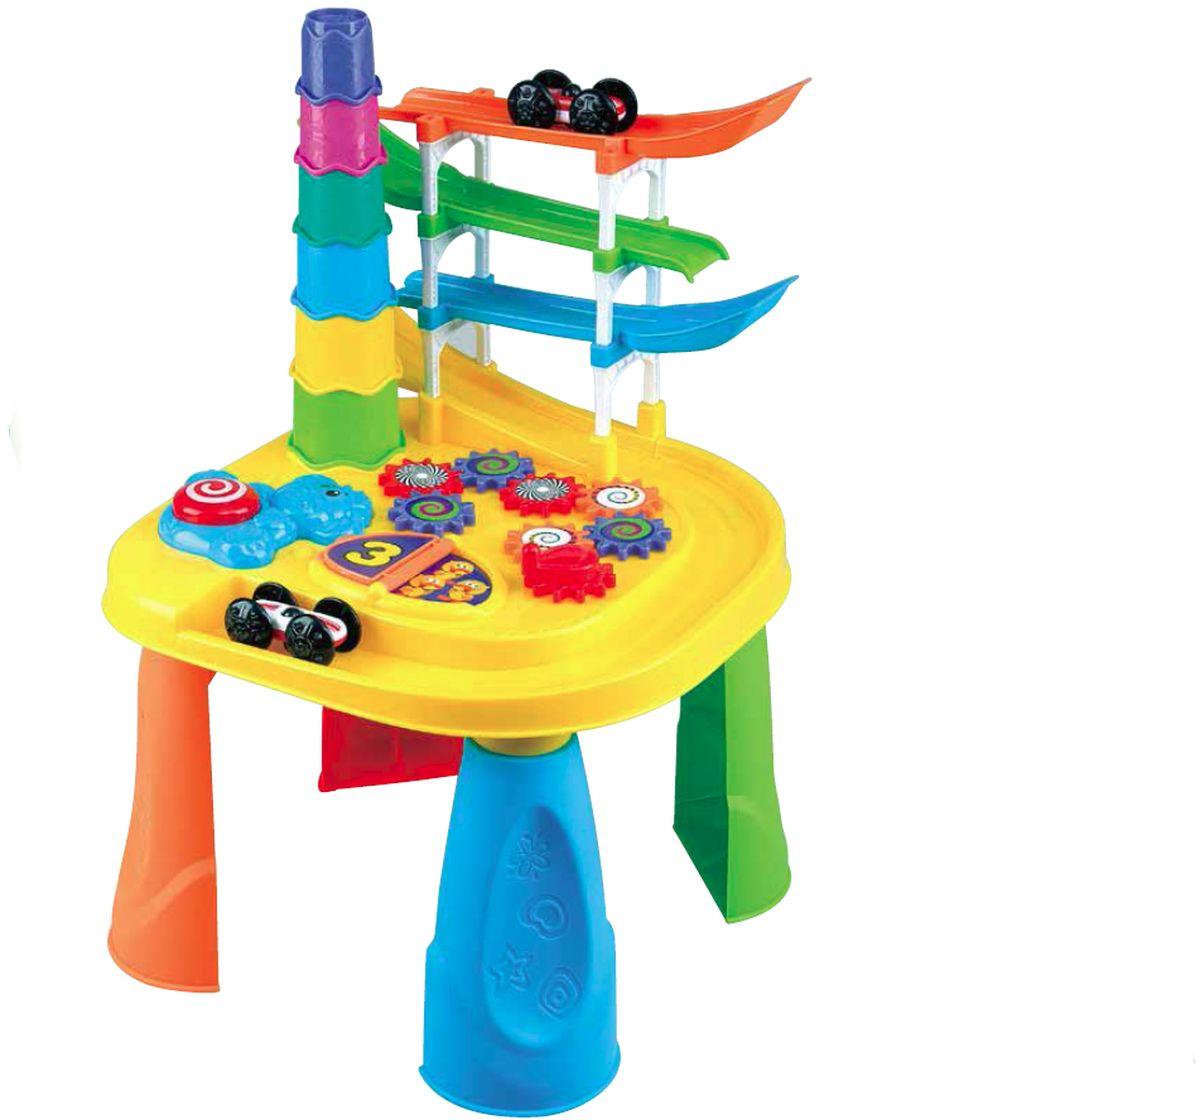 PlayGo Развивающий центр Стол развивающий центр playgo для самых маленьких